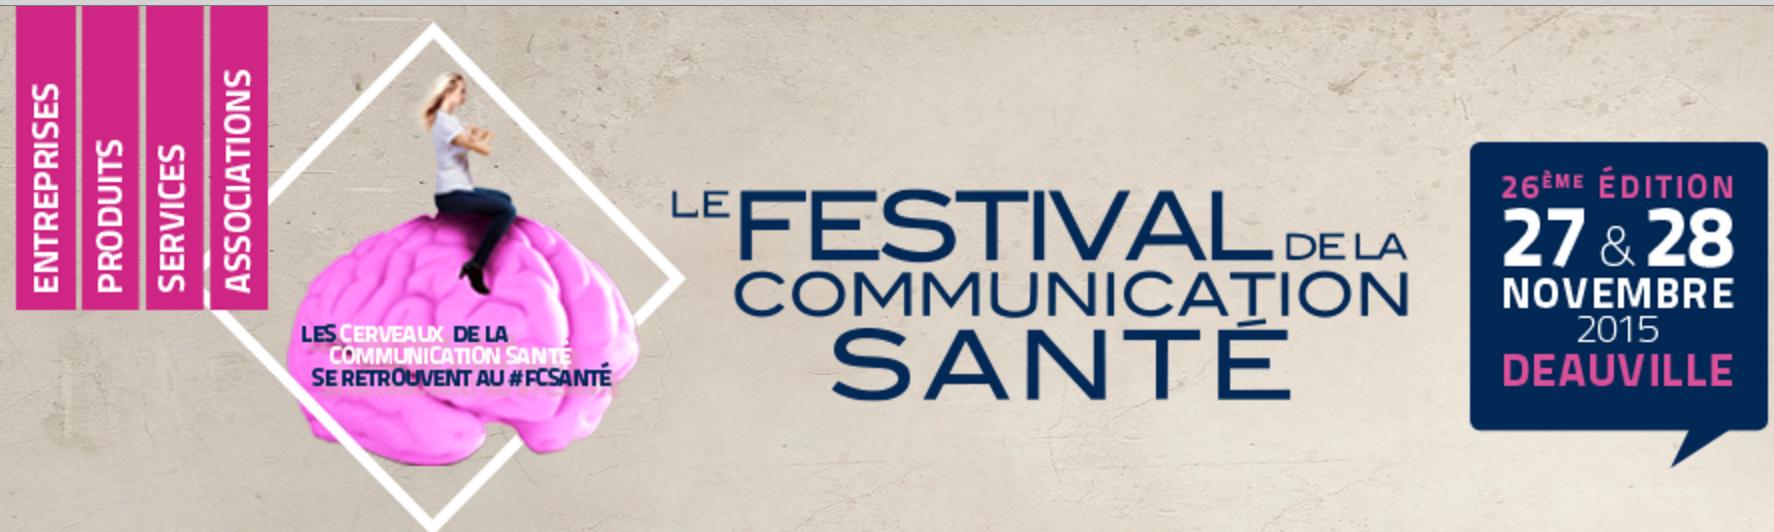 Le 26ième Festival de la Communication Santé - Deauville - Novembre 2015 #FCSANTE